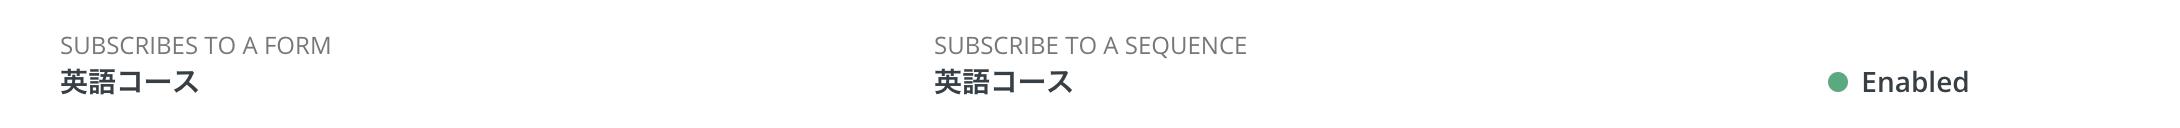 フォームと条件分岐するためのステップメールをAutomationでつなぐ